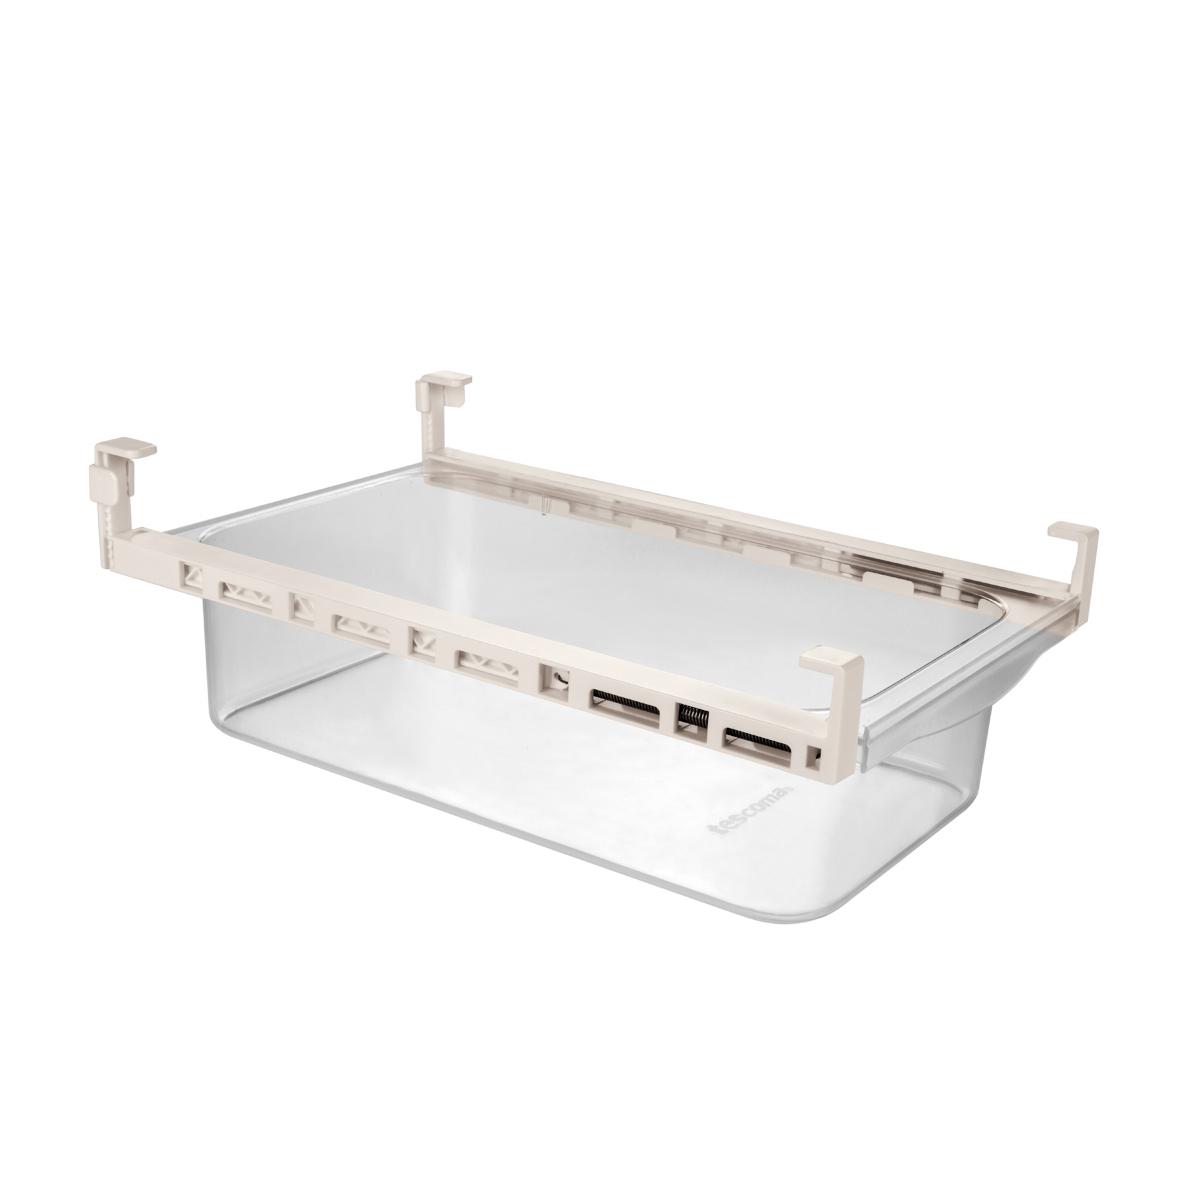 Univerzální zásuvka FlexiSPACE 290 x 190 mm, hluboká